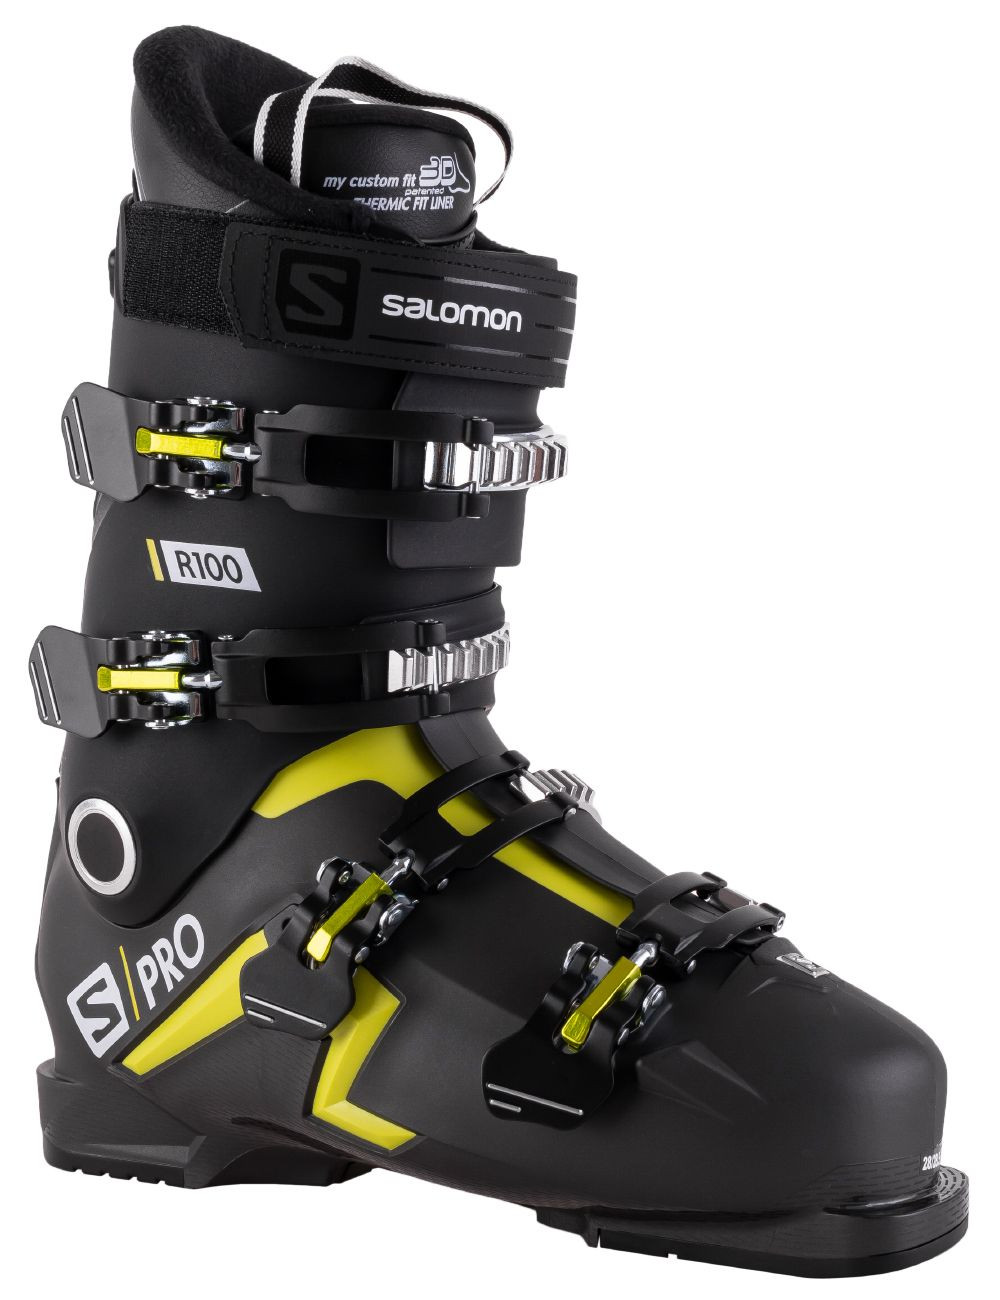 Buty narciarskie męskie Salomon X Pro R100